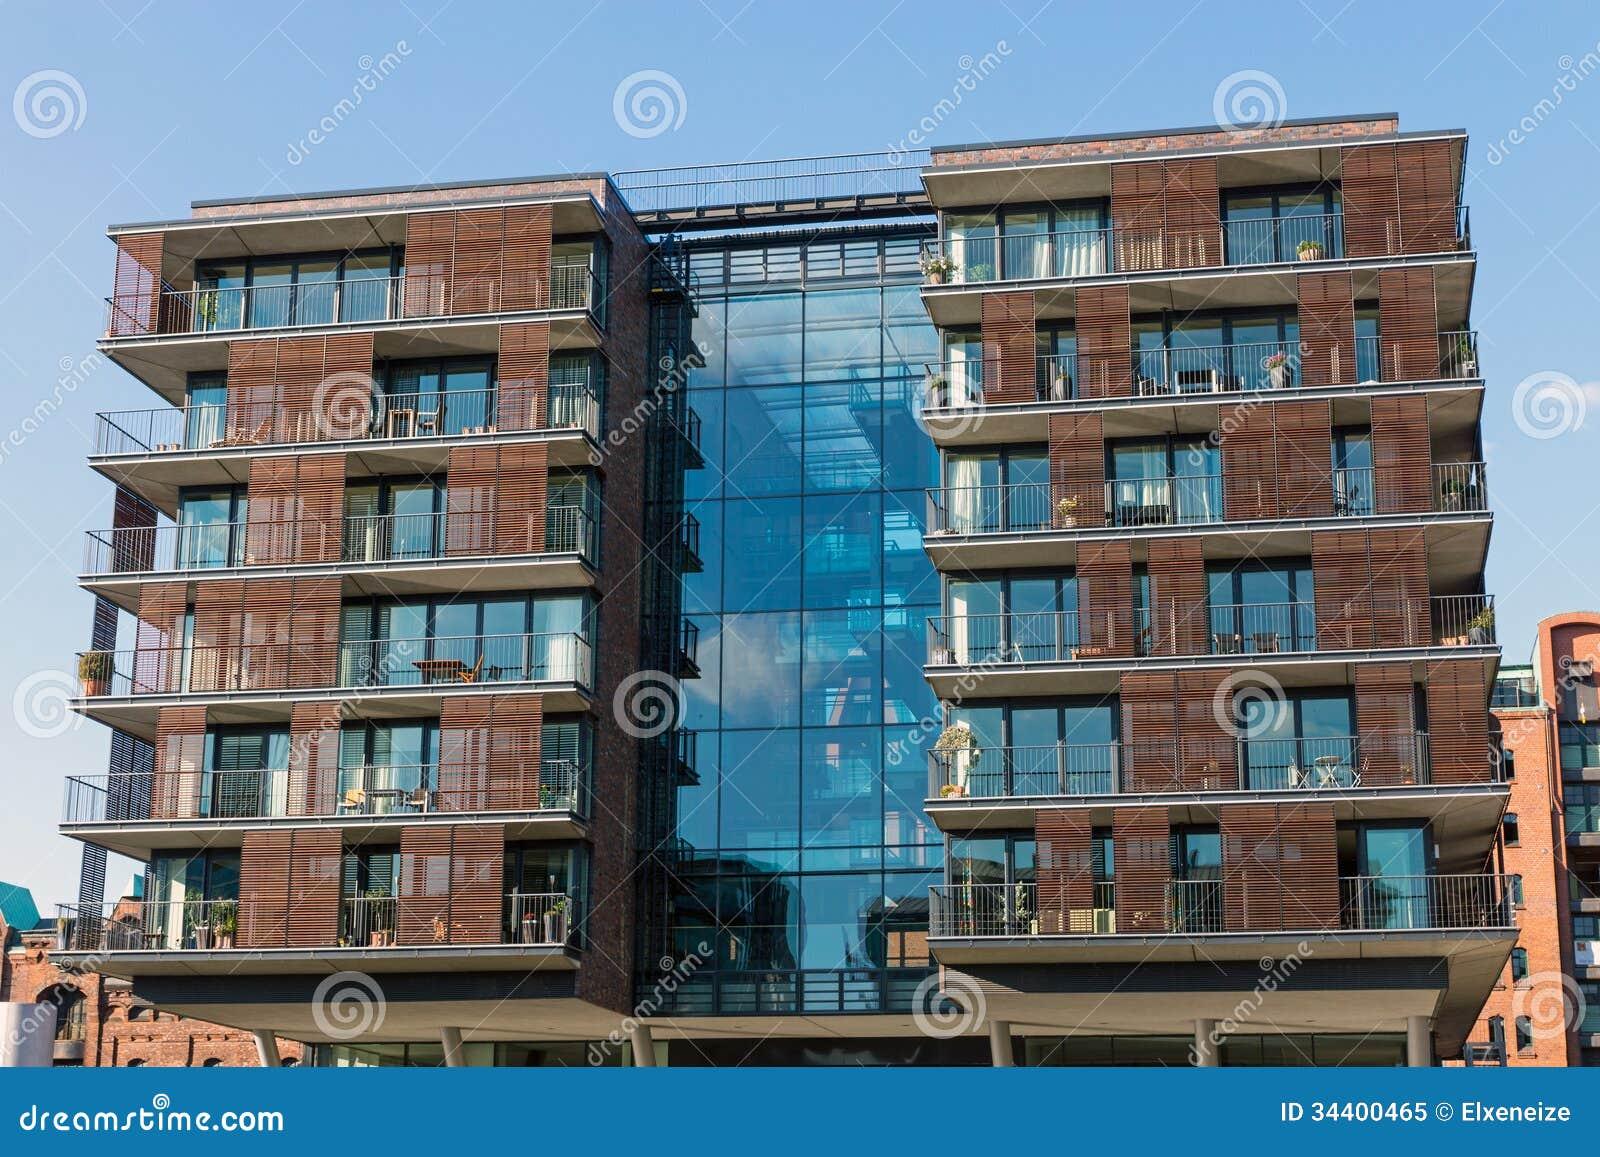 фото многоквартирный дом